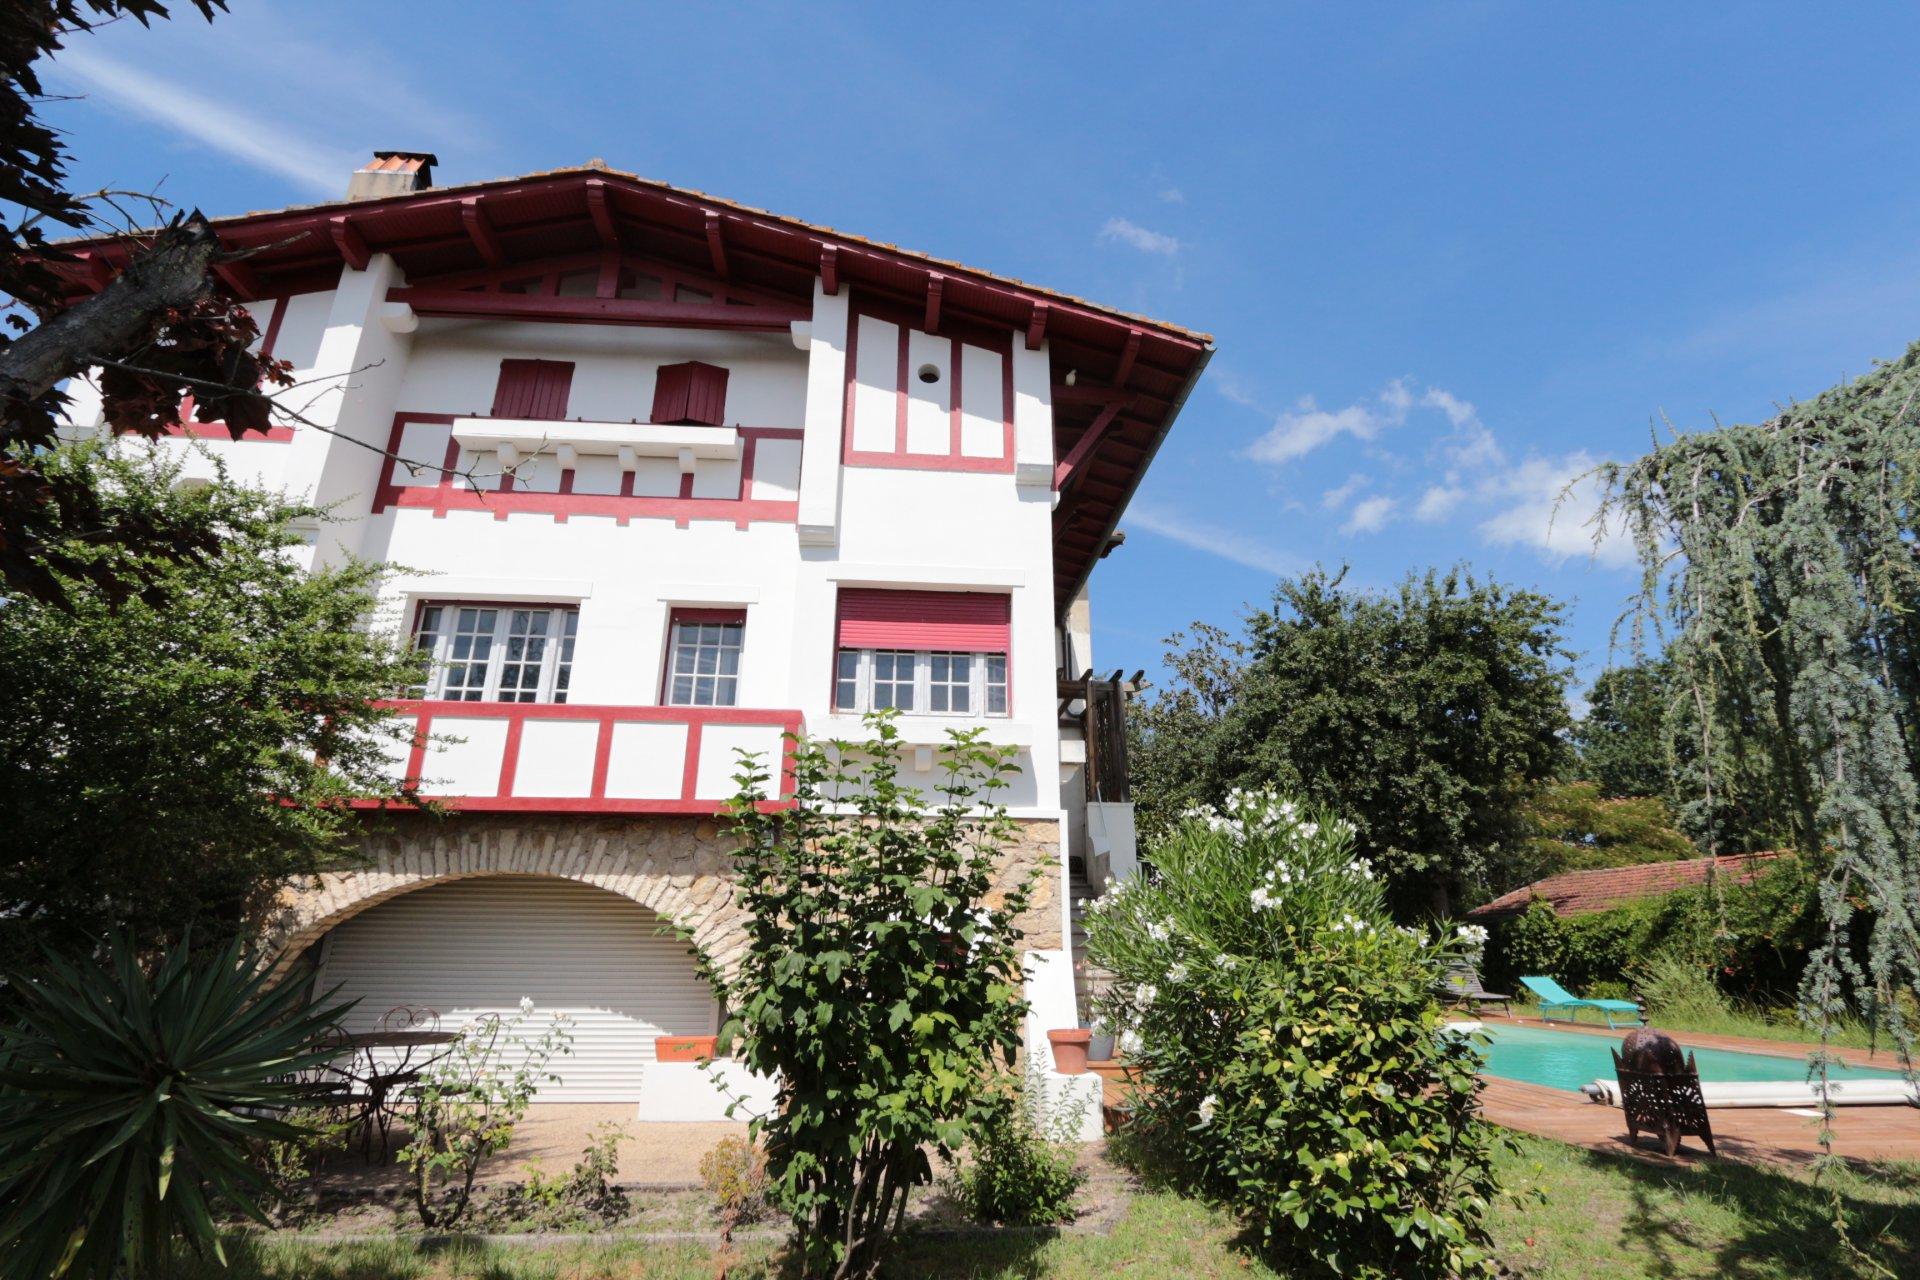 Maison néo-Basque de 269m2 avec piscine